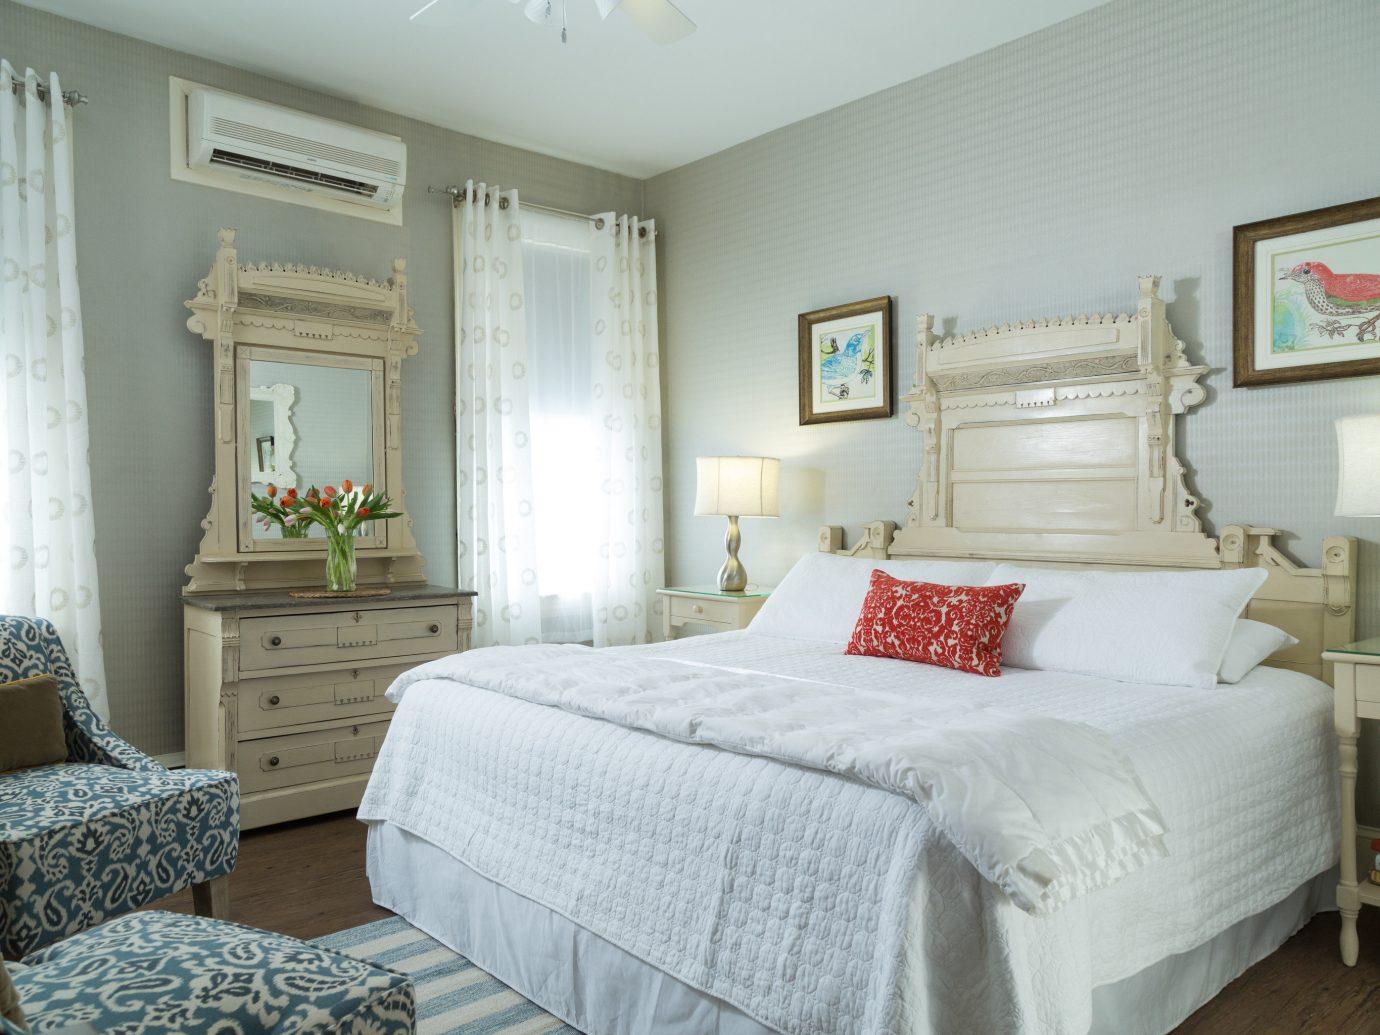 Hotels indoor bed wall floor room Bedroom property ceiling home estate living room cottage real estate interior design hotel Suite furniture bed sheet